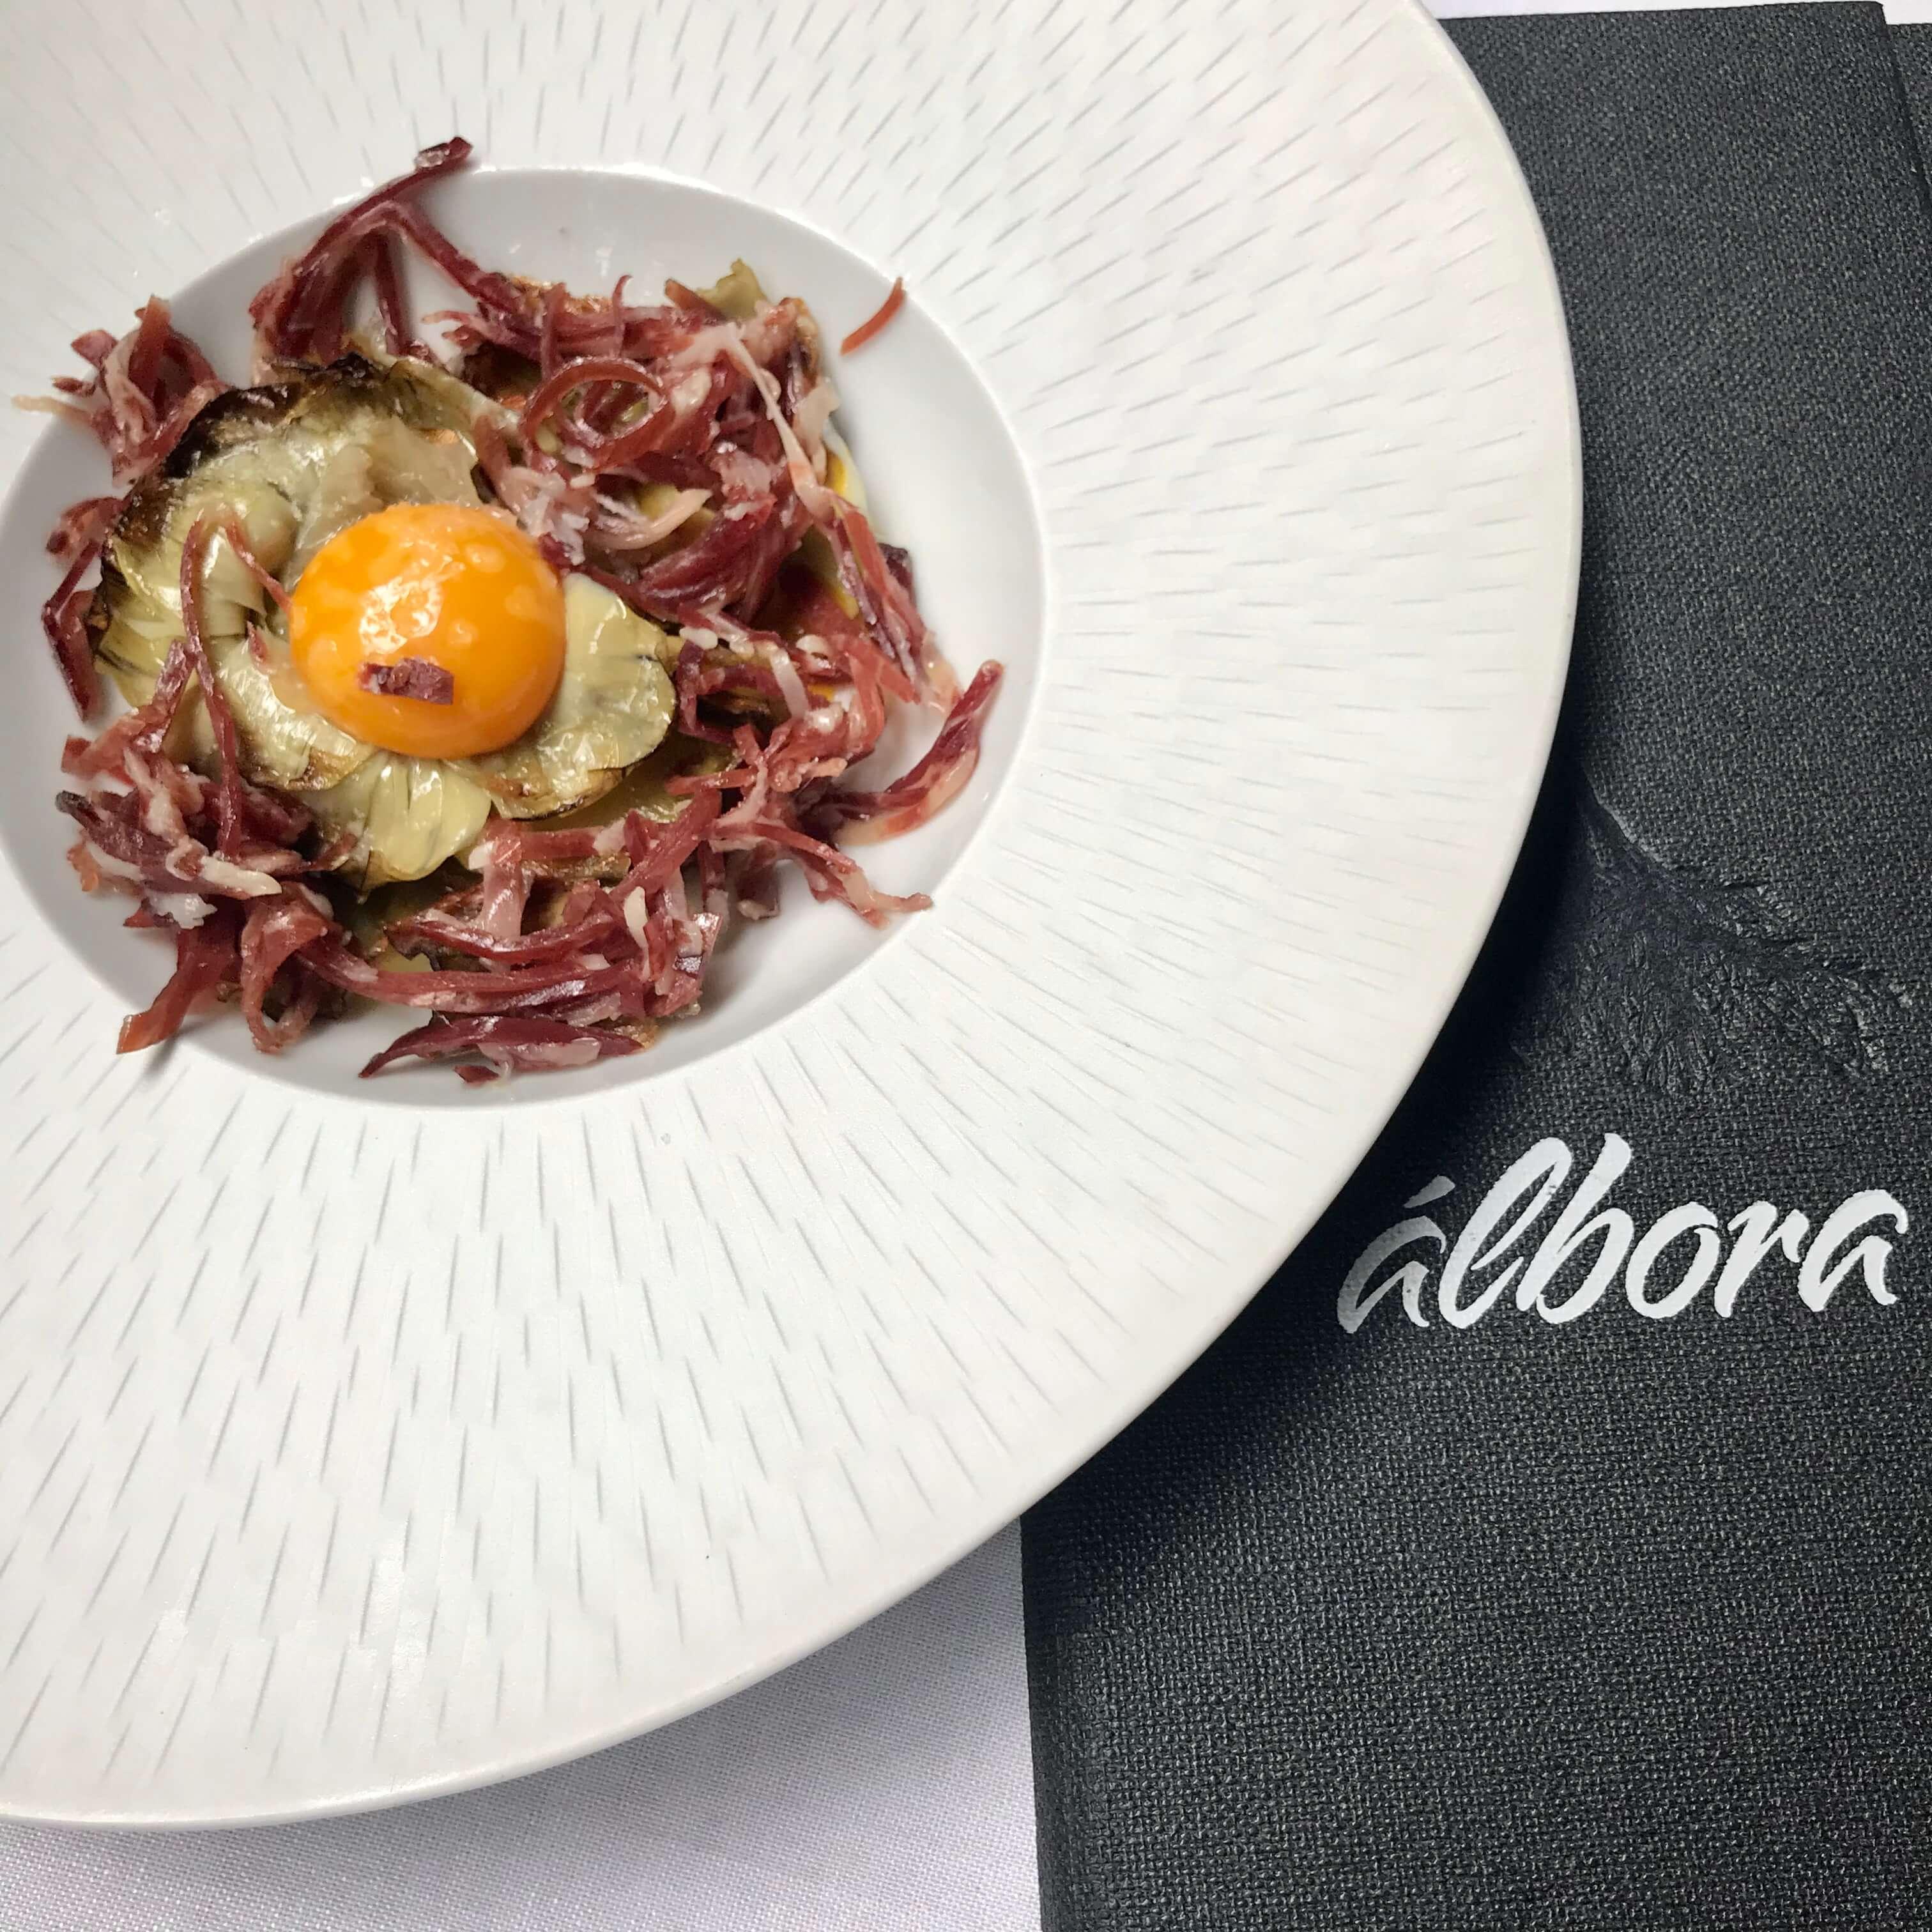 El restaurante Álbora abre de nuevo sus puertas